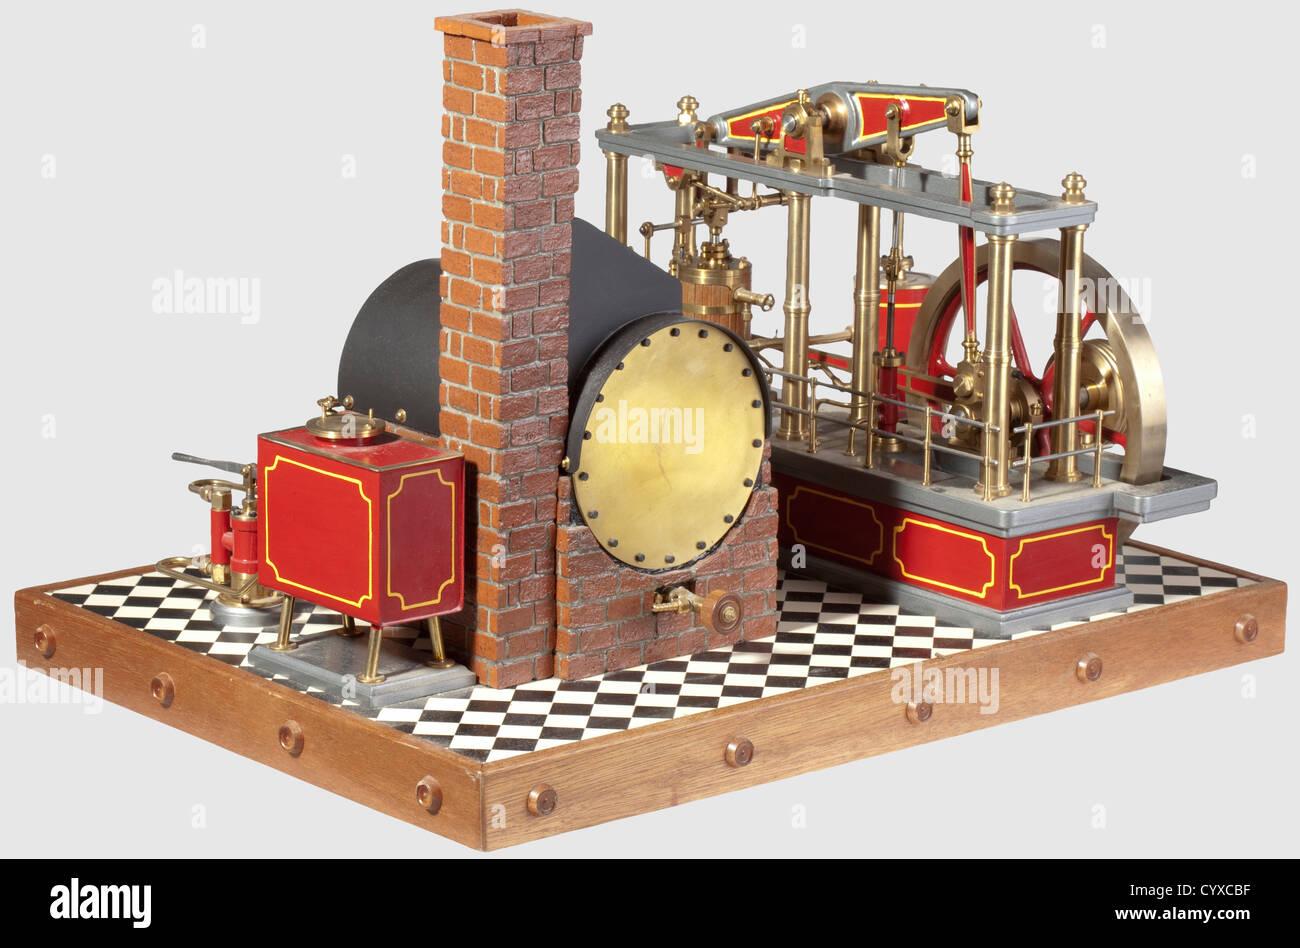 Boiler Steam Stockfotos & Boiler Steam Bilder - Alamy